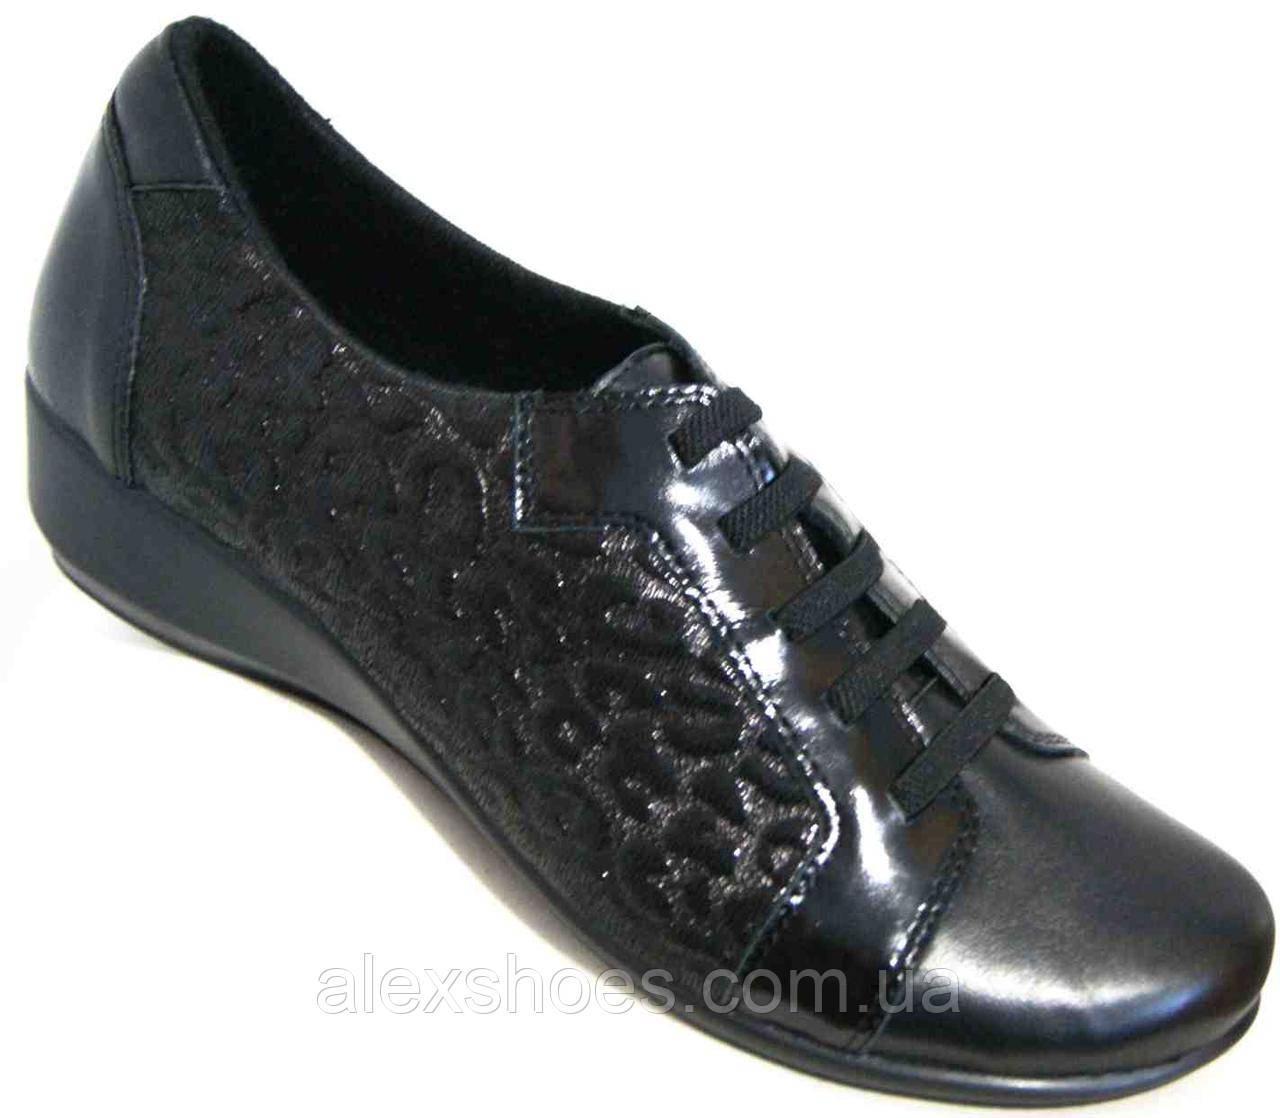 Туфли женские большого размера из натуральной кожи от производителя модель В3001-5